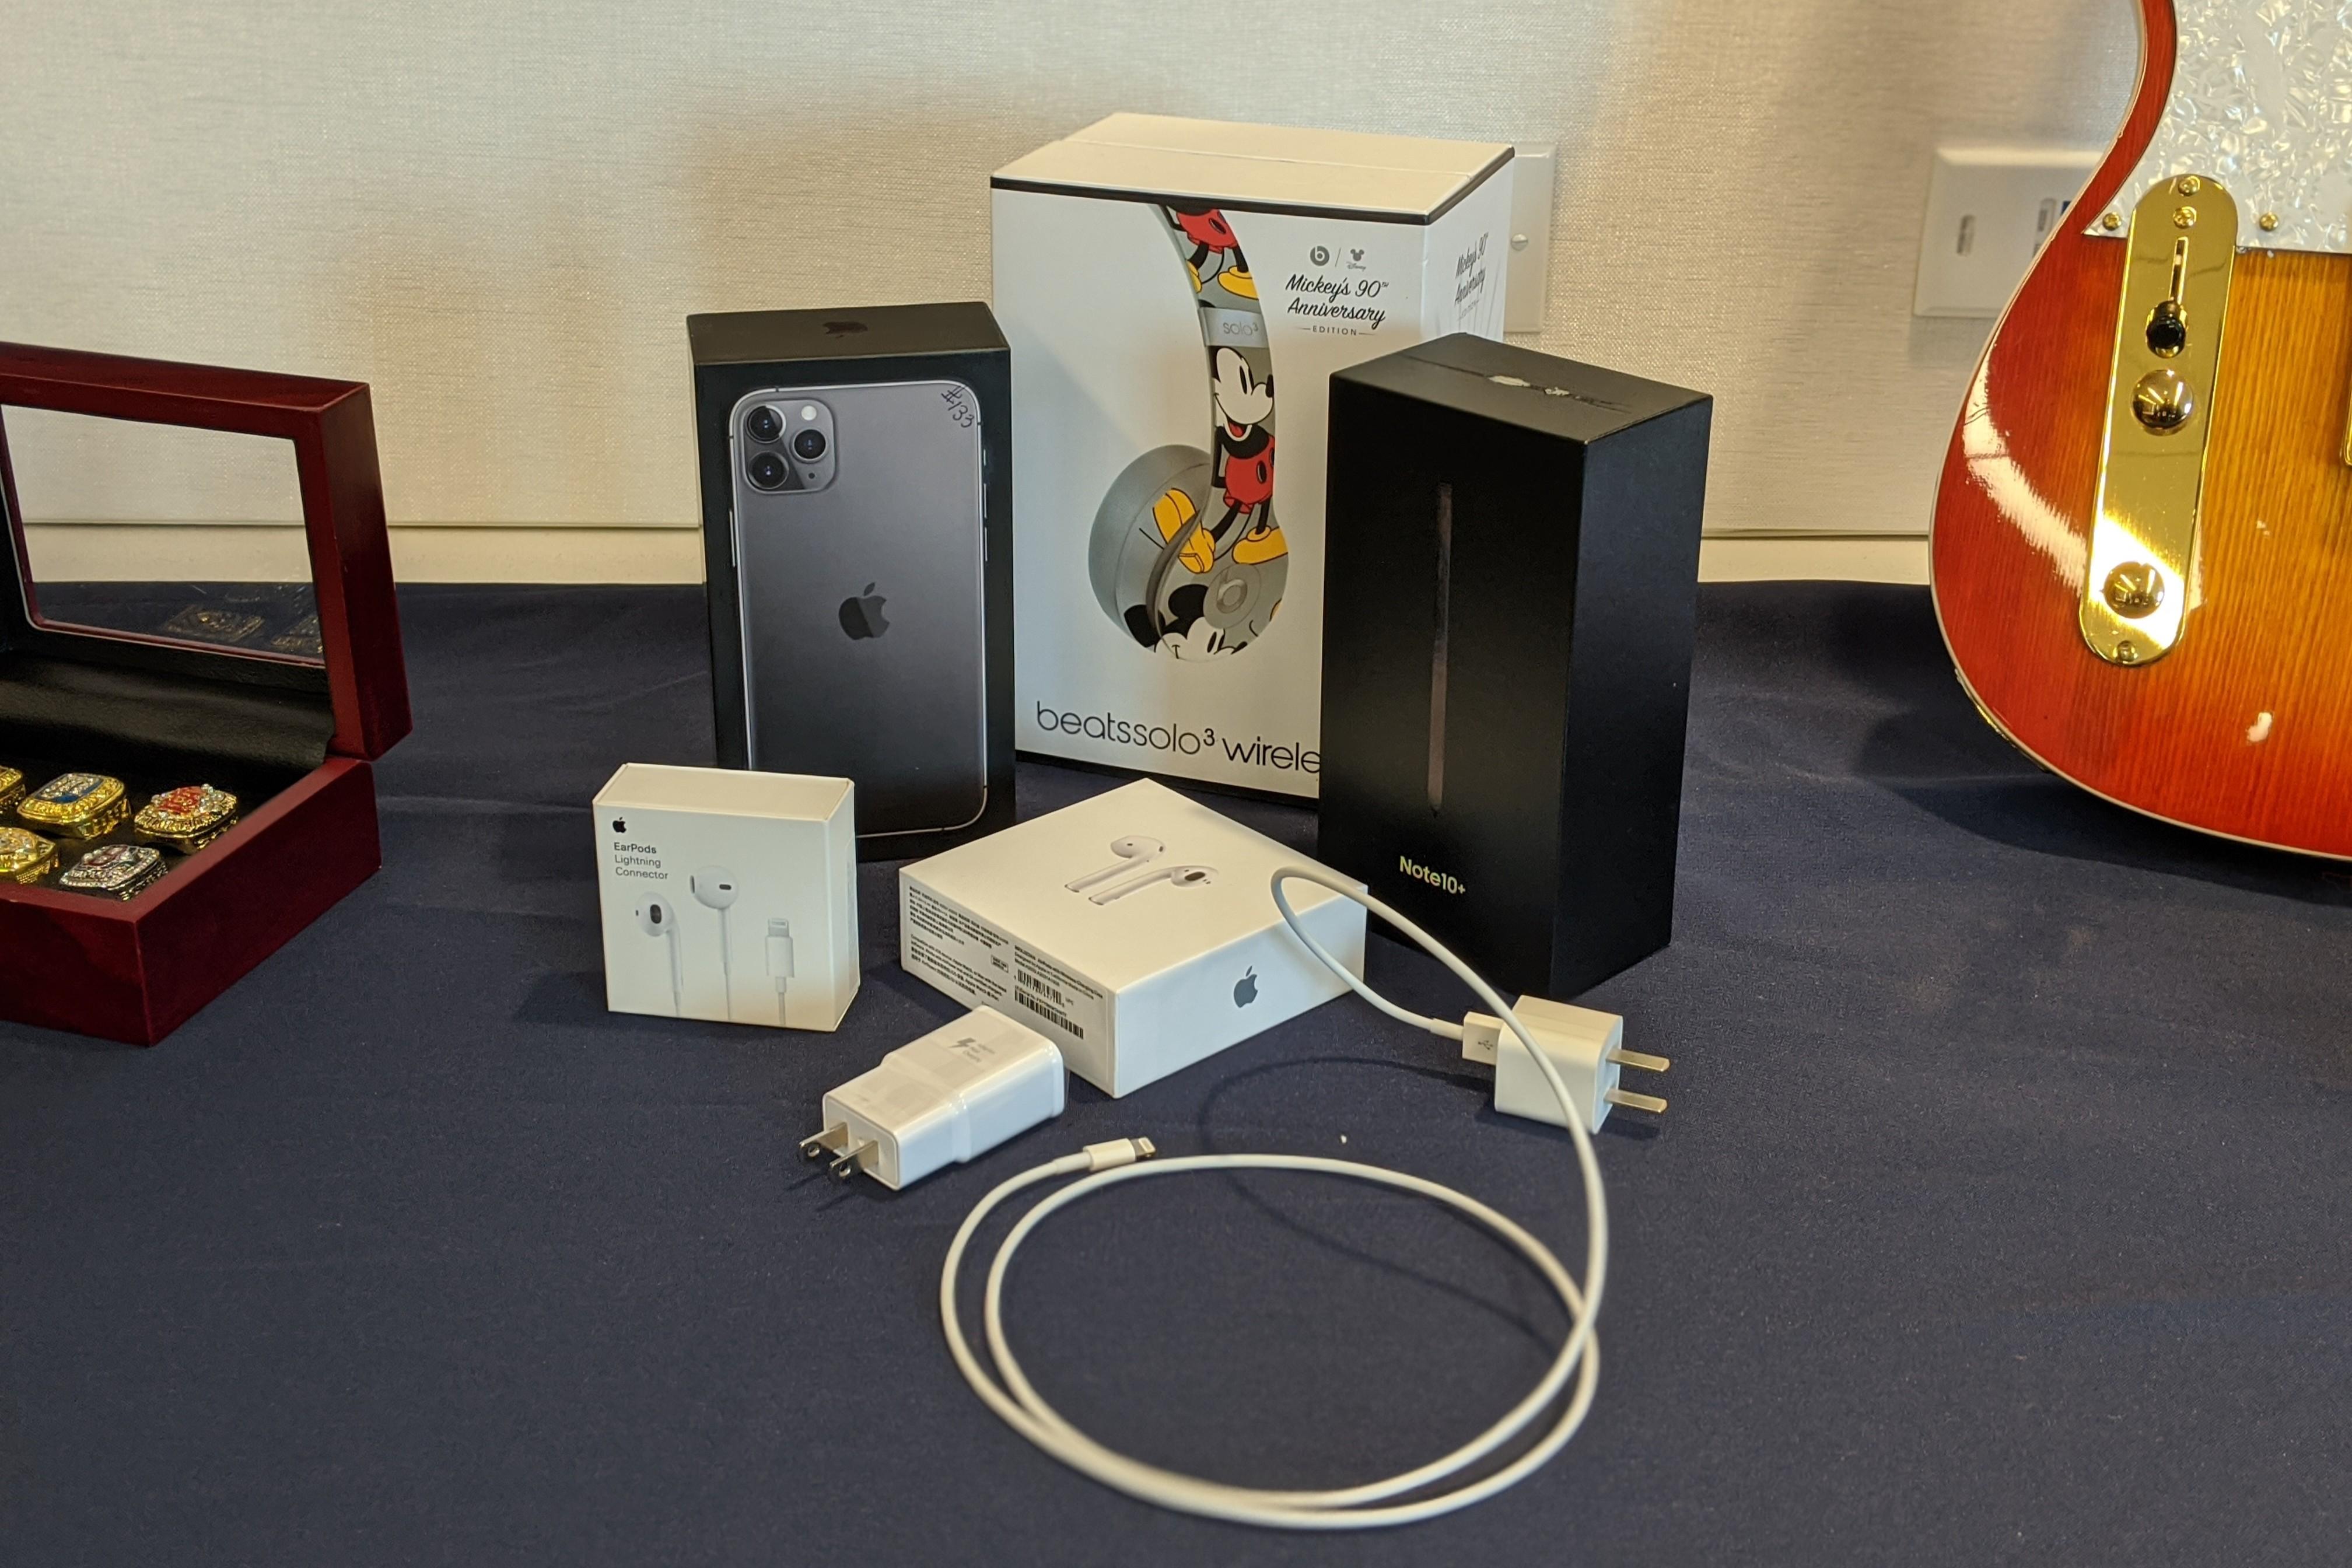 賣假筆記本電腦電池 美華人或坐牢50年